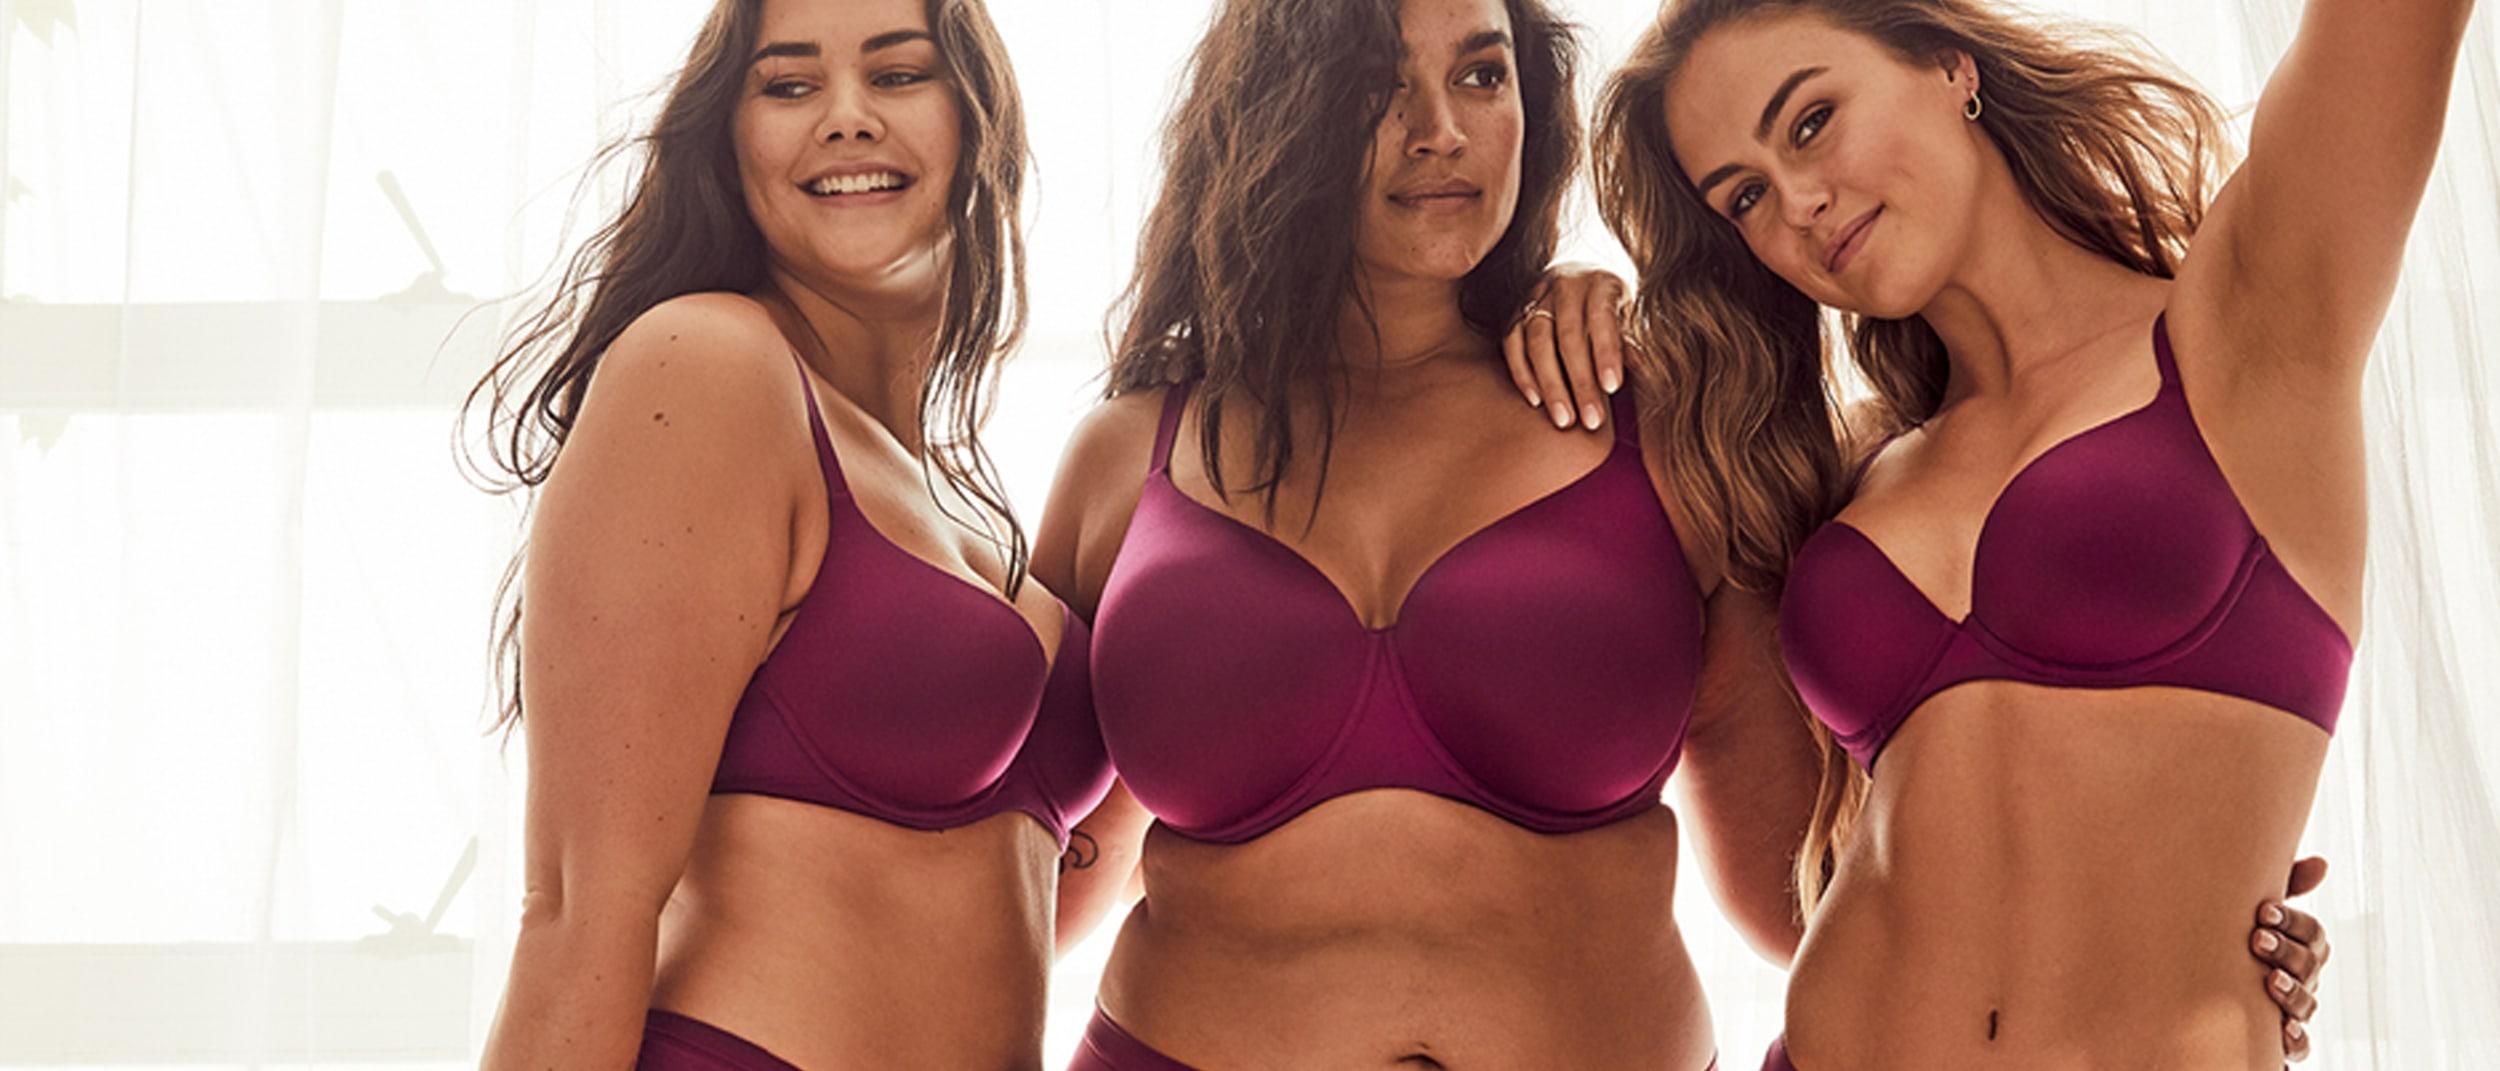 Bras N Things' best-selling Body Bliss range